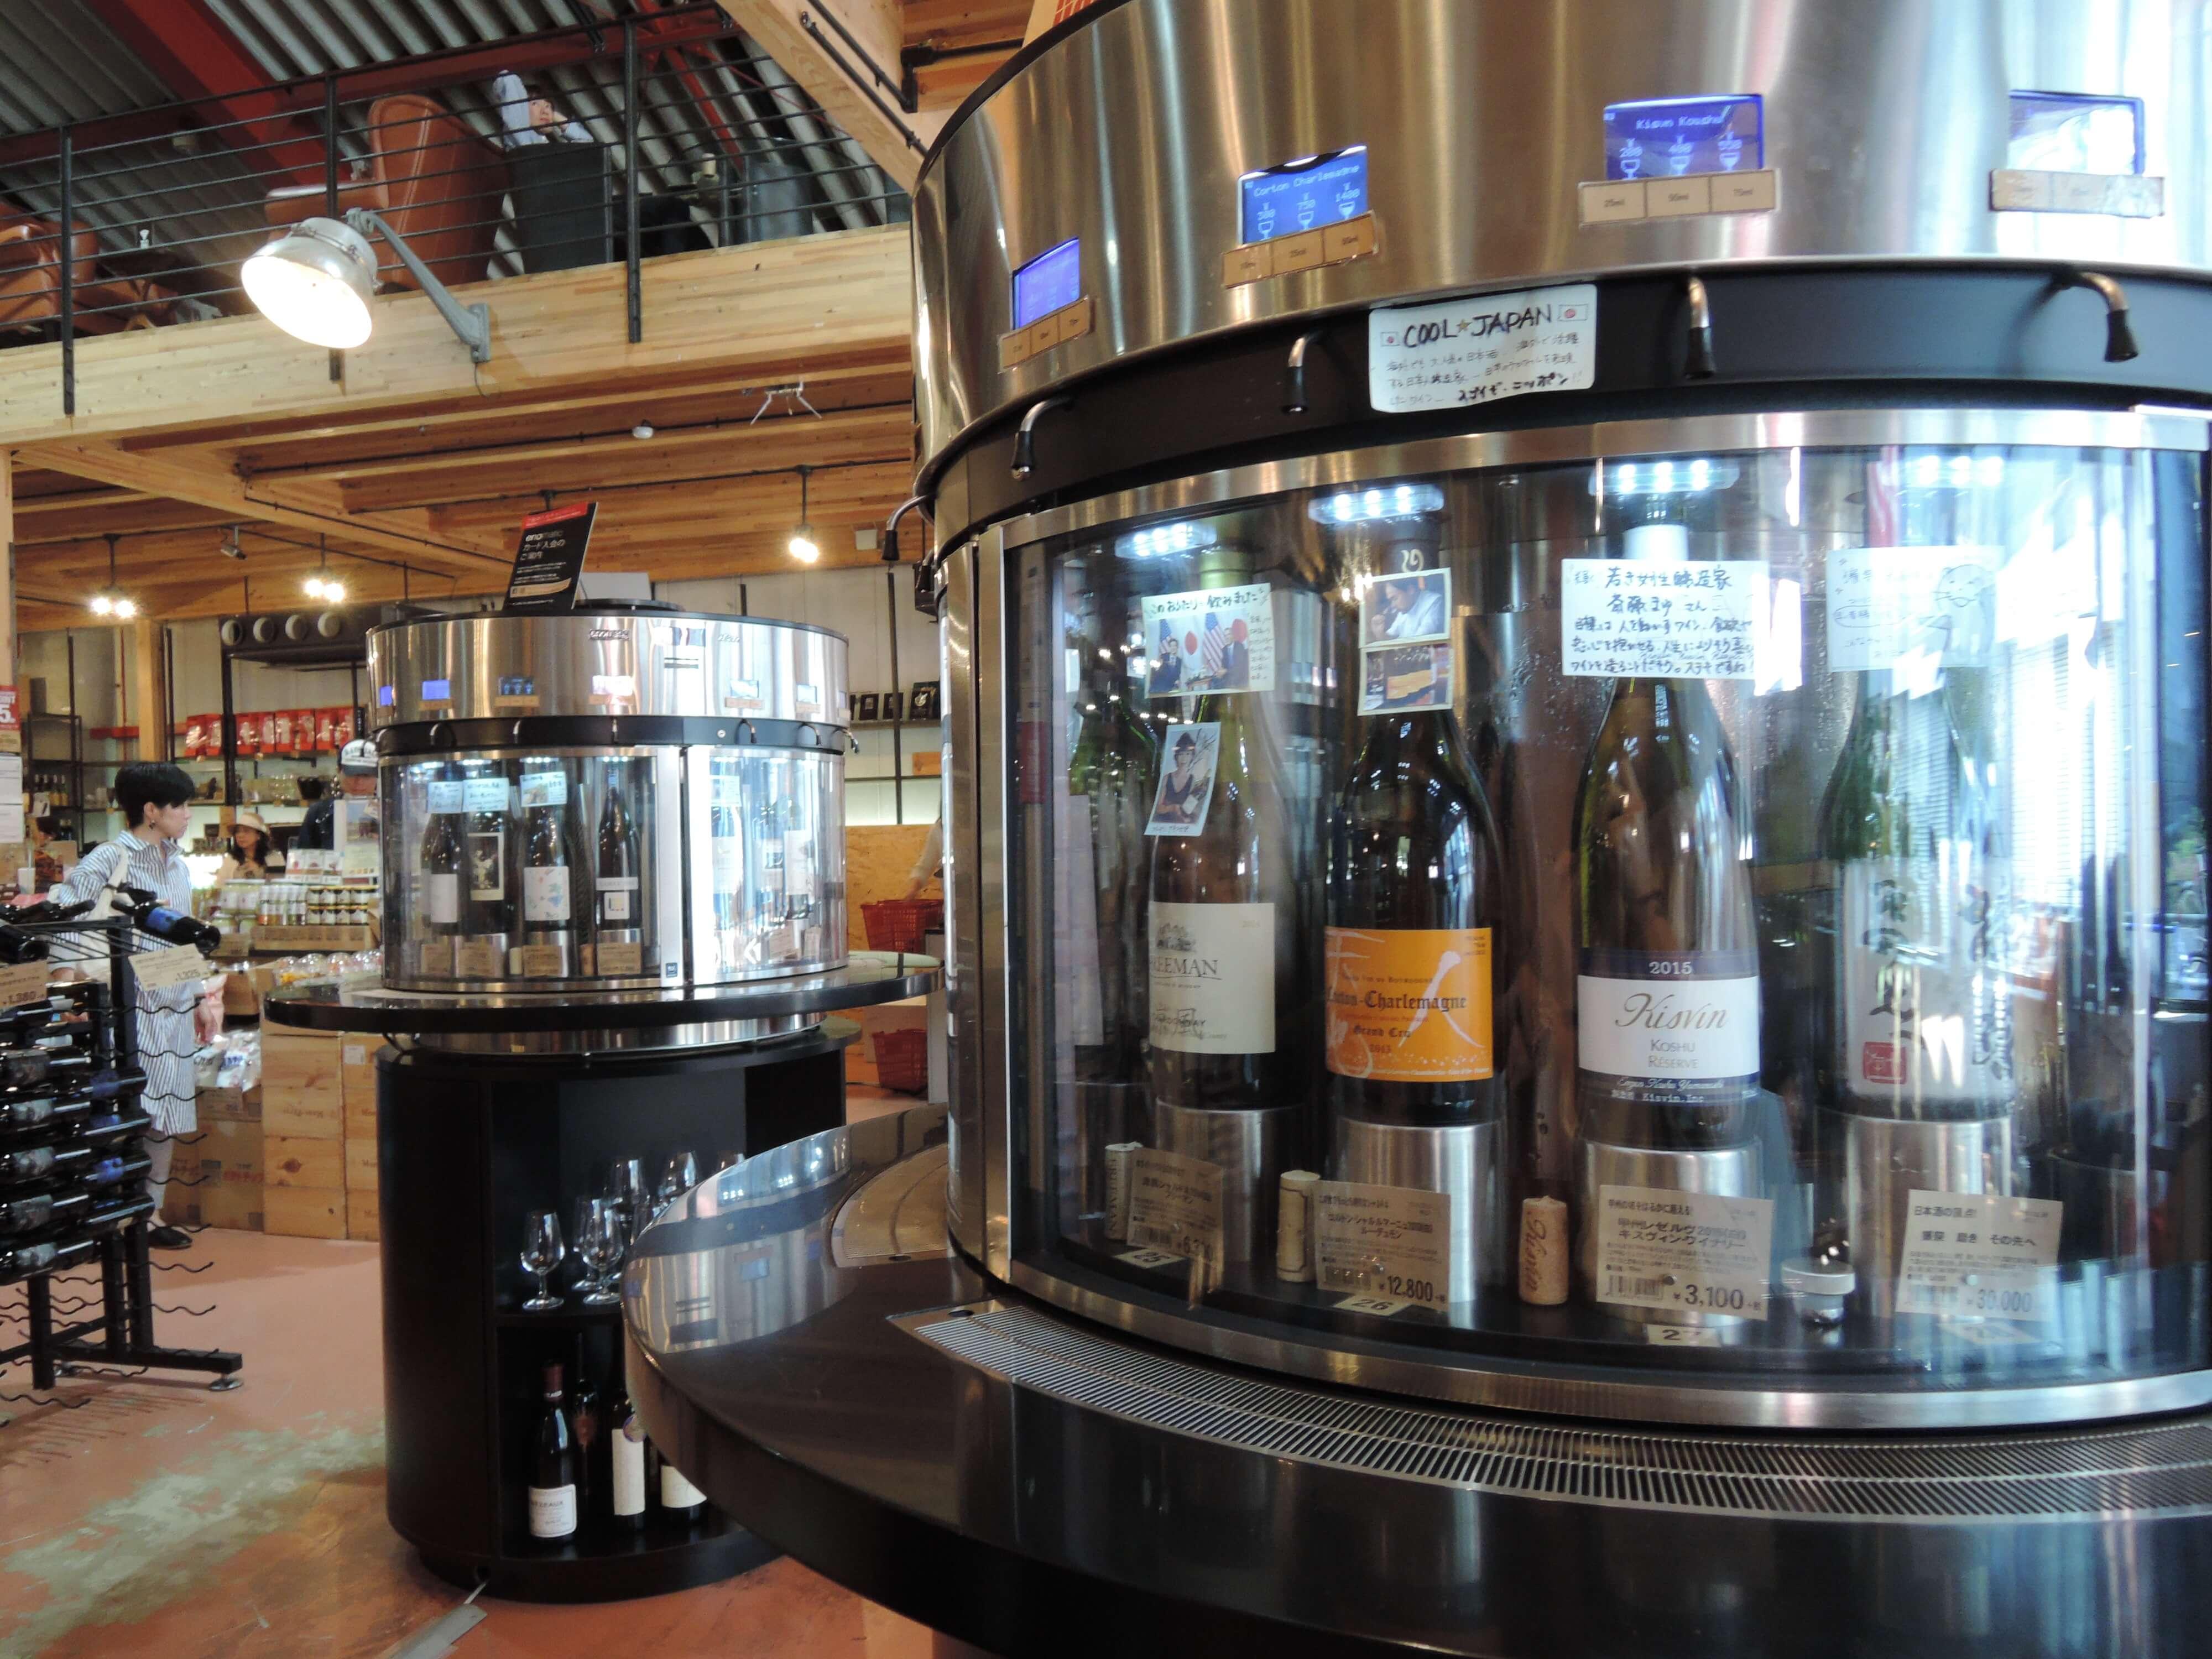 ワイン試飲用の自動販売機も